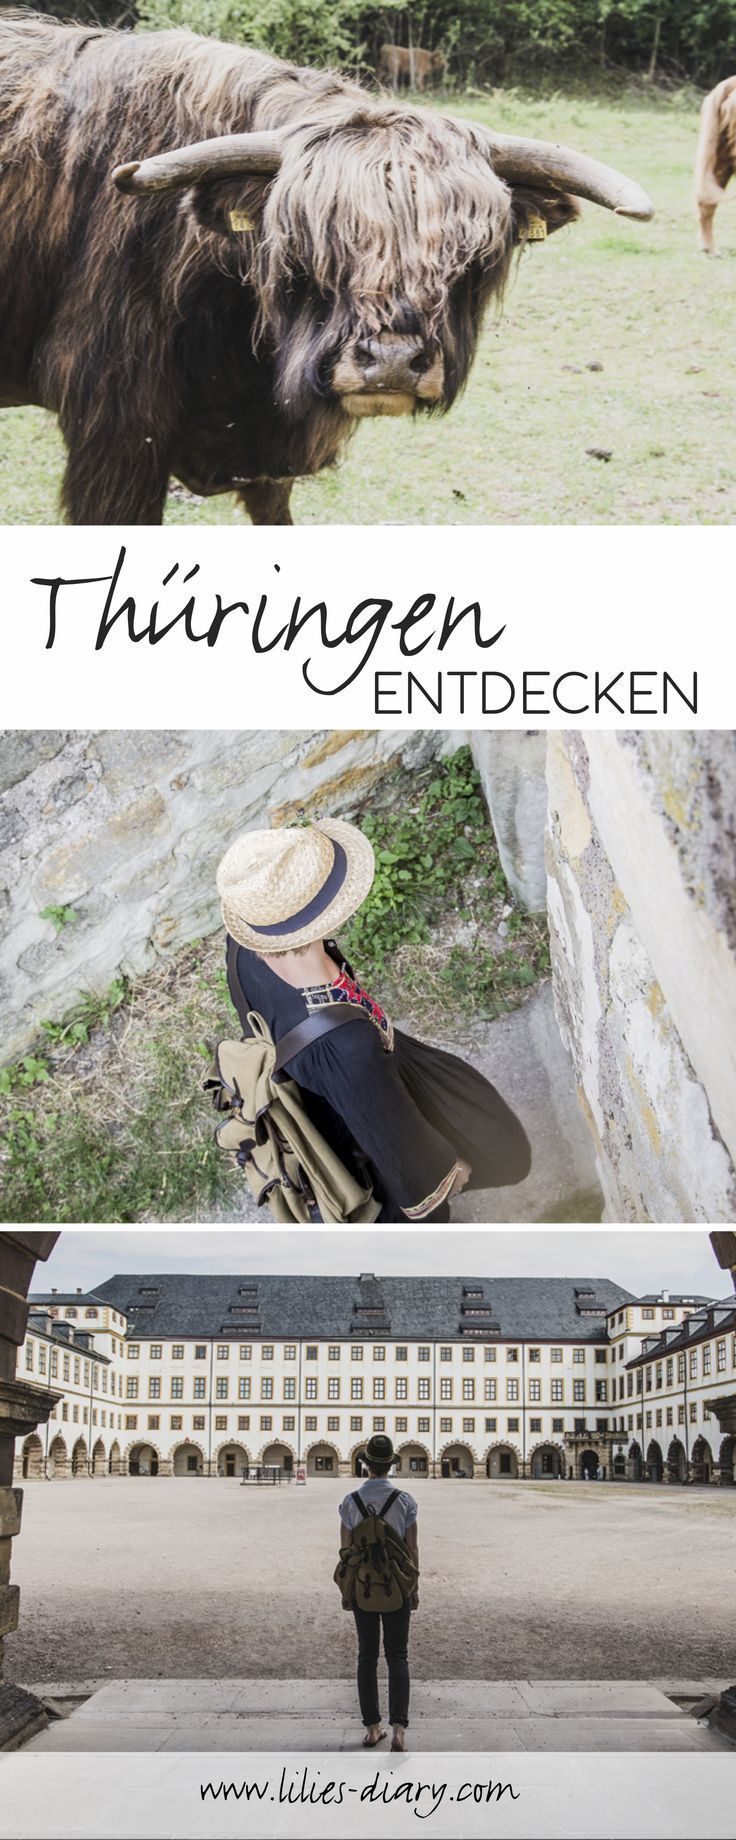 Auf mehr als 2.000 Kilometern führt der Lutherweg durch die Bundesländer Bayern, Hessen, Sachsen, Sachsen-Anhalt und Thüringen.